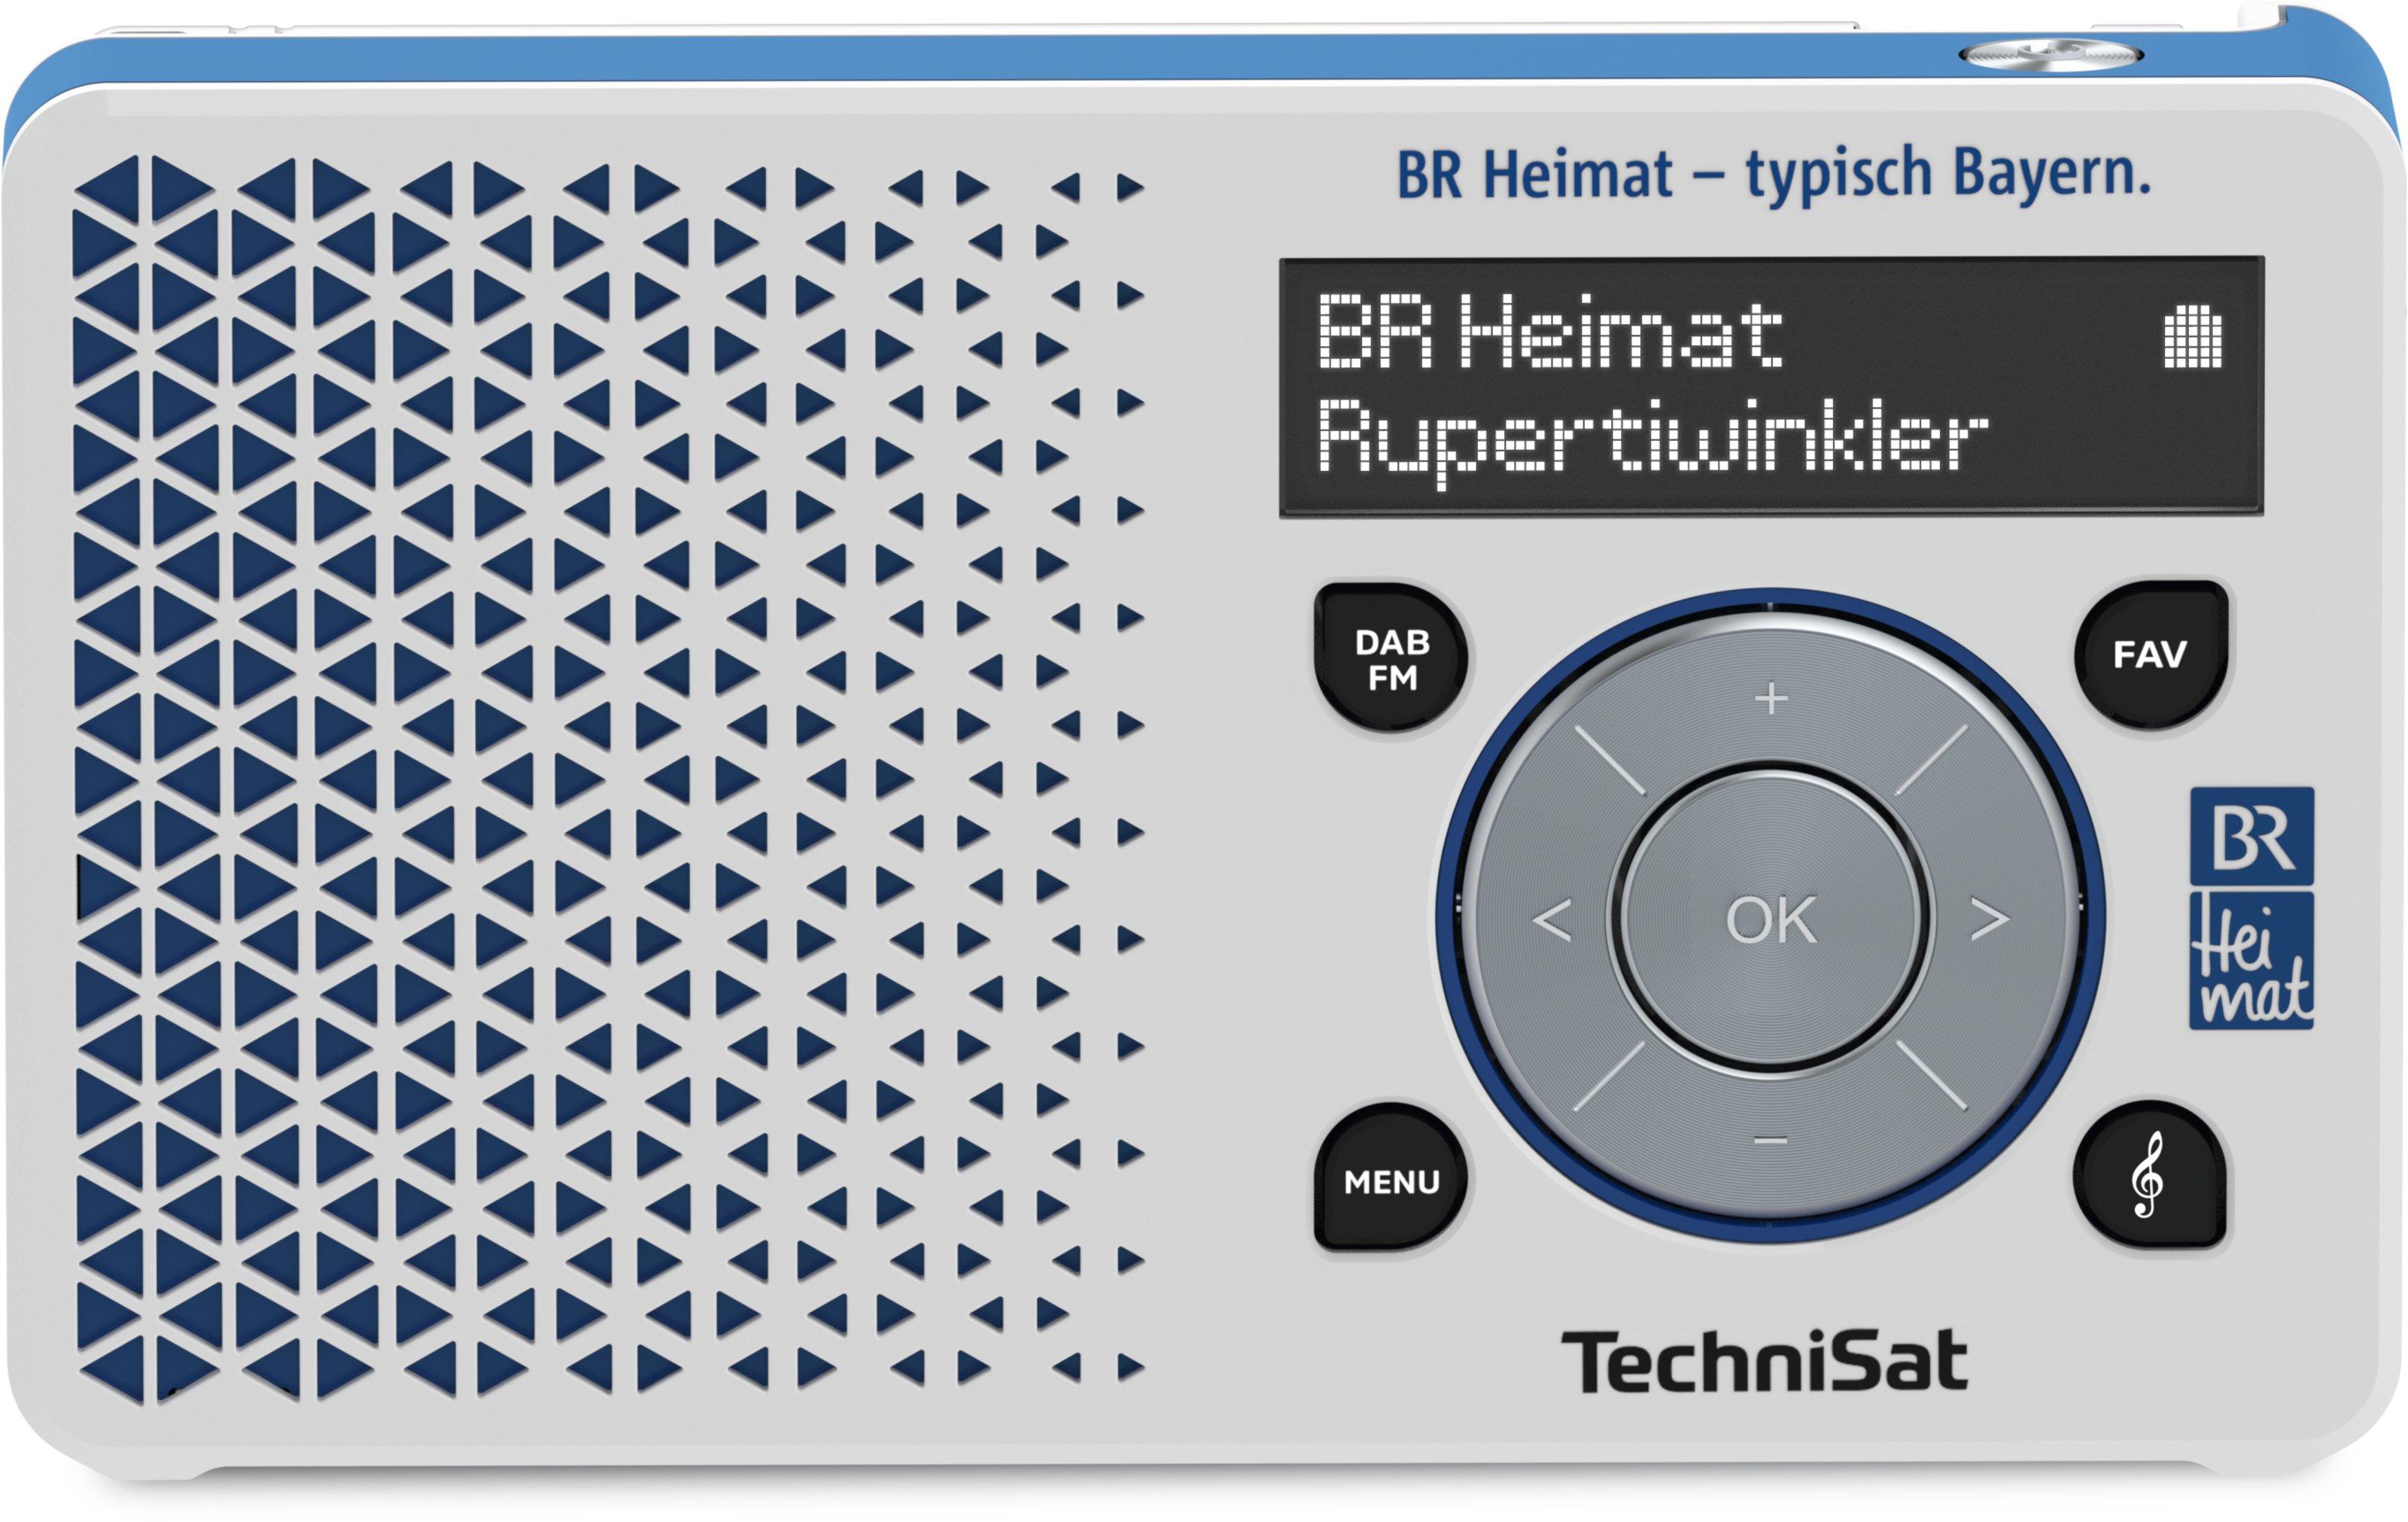 Digitradio 1 Br Heimat Edition Weiss Blau Br Shop